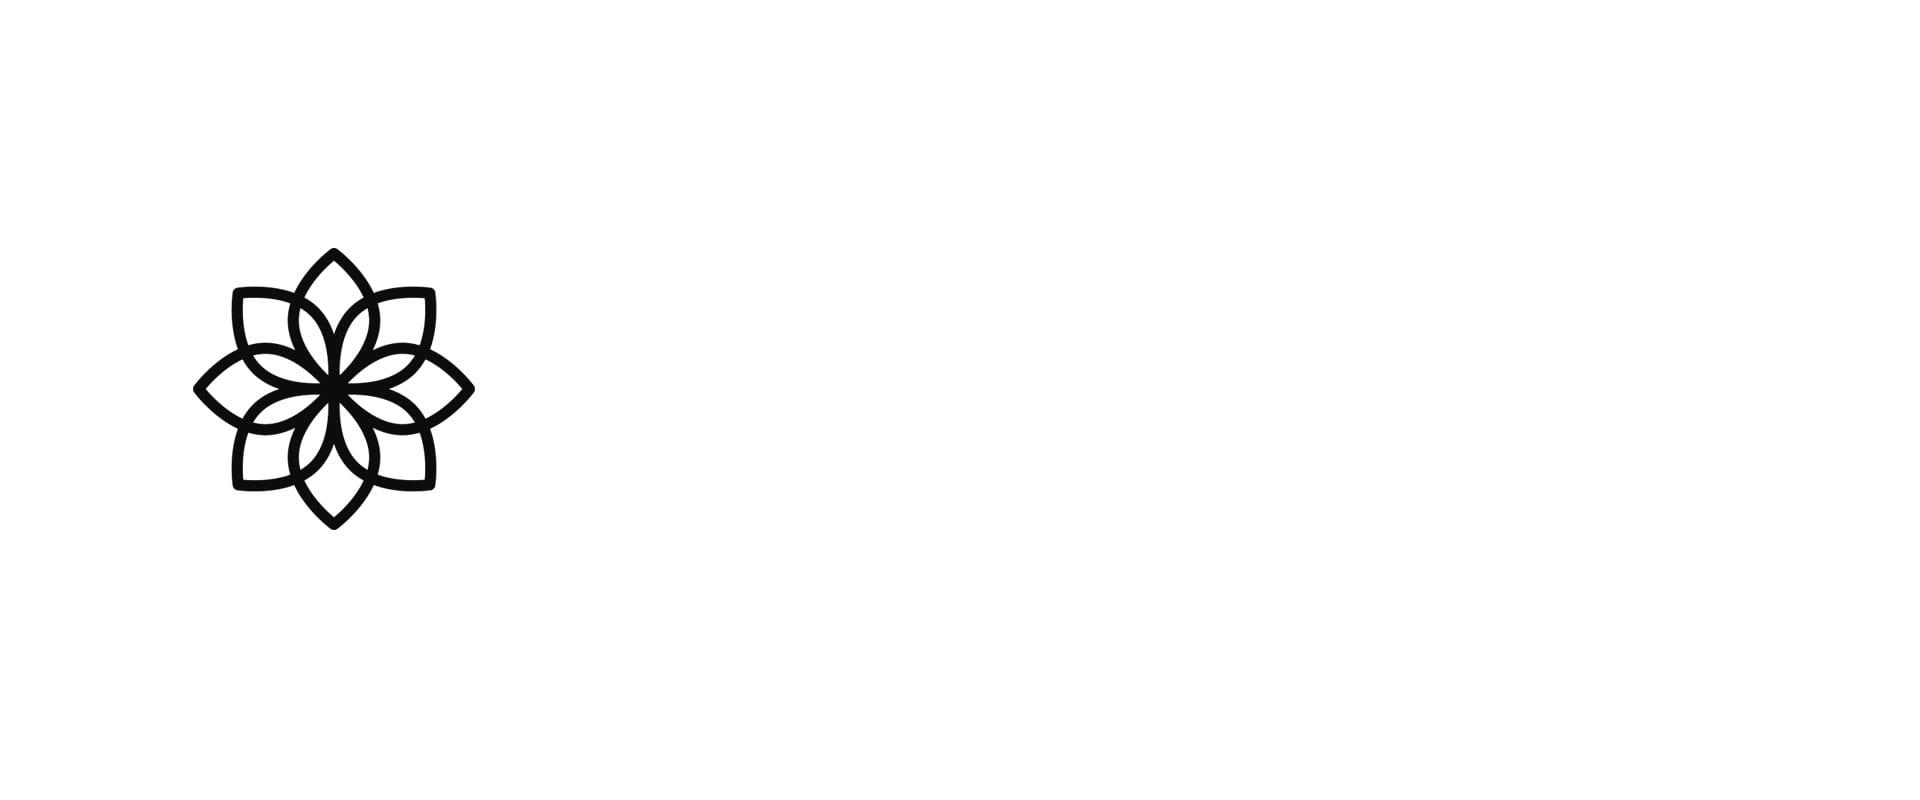 minuteman's Portfolio - Femme Motion Logo für Zirkeltraining - Blume